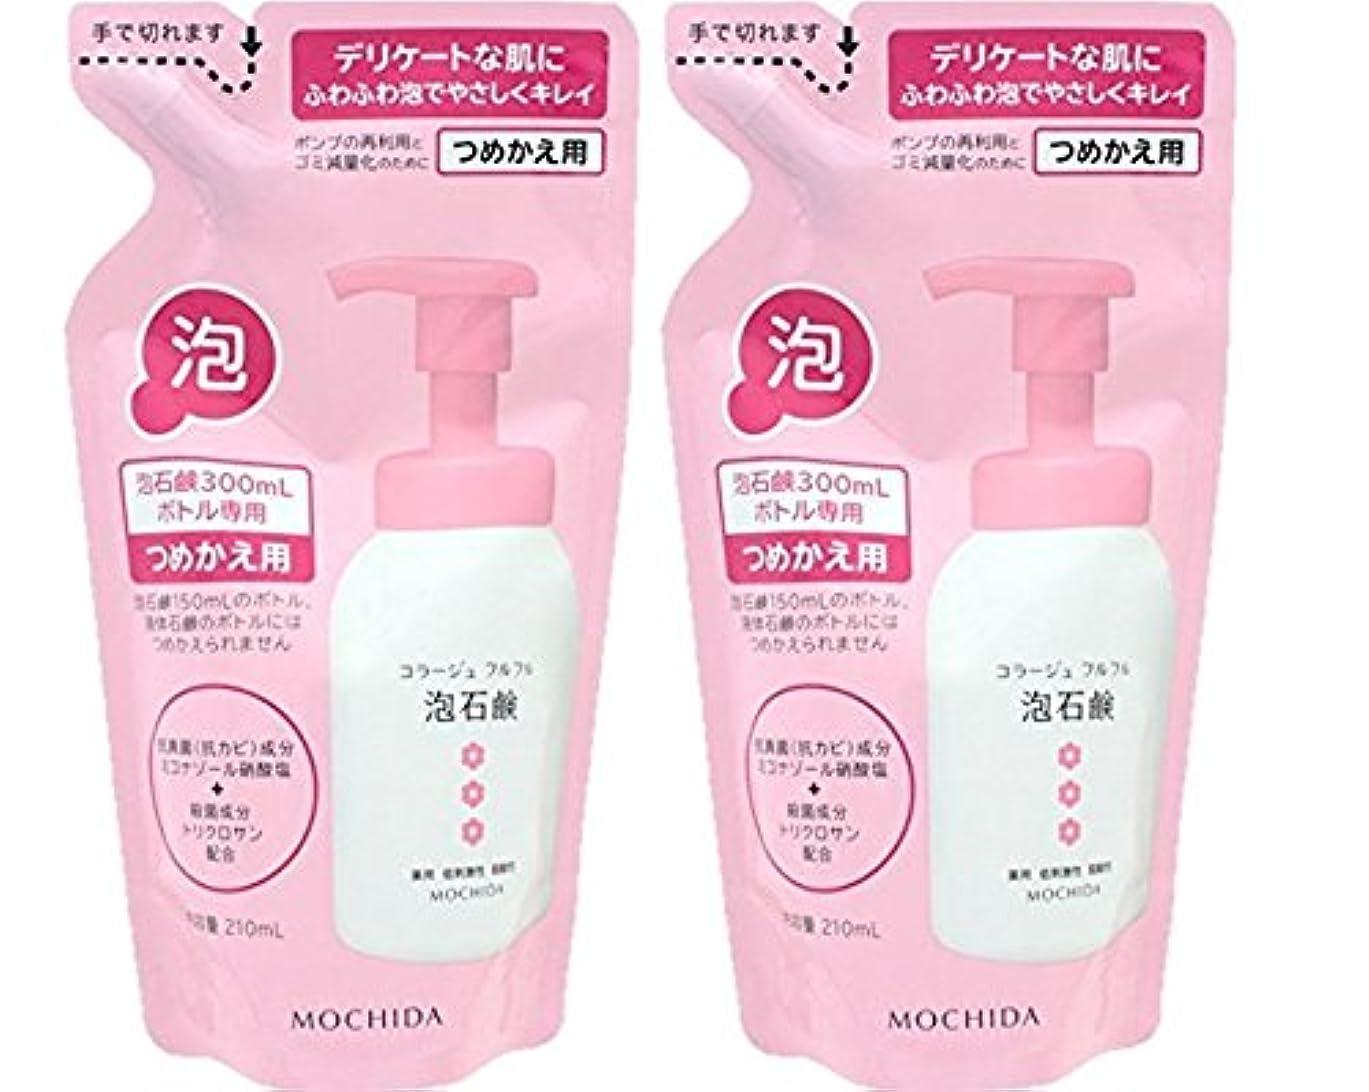 ウィザード発見する拾うコラージュフルフル 泡石鹸 ピンク つめかえ用 210mL (医薬部外品)×2